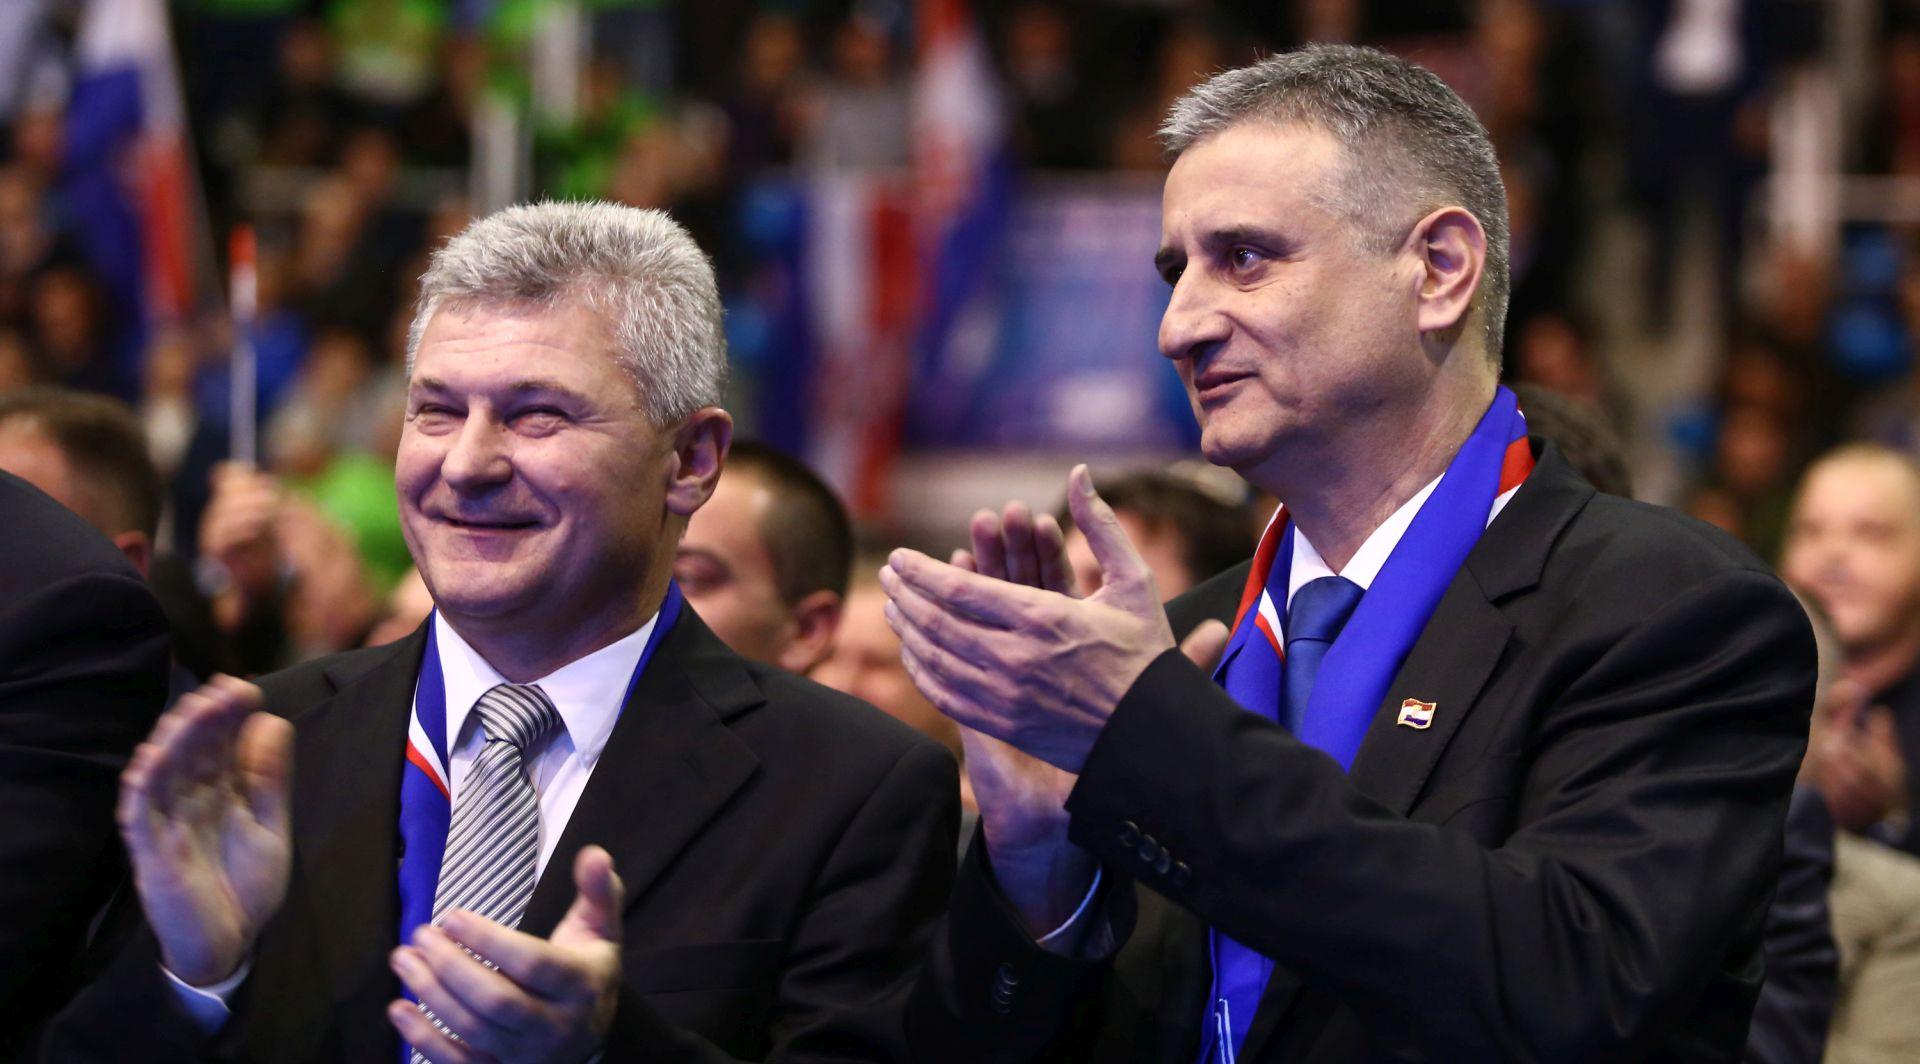 IZBORI 2015. Karamarko: Hrvatskoj trebaju stvarne promjene, a ne lažna obećanja